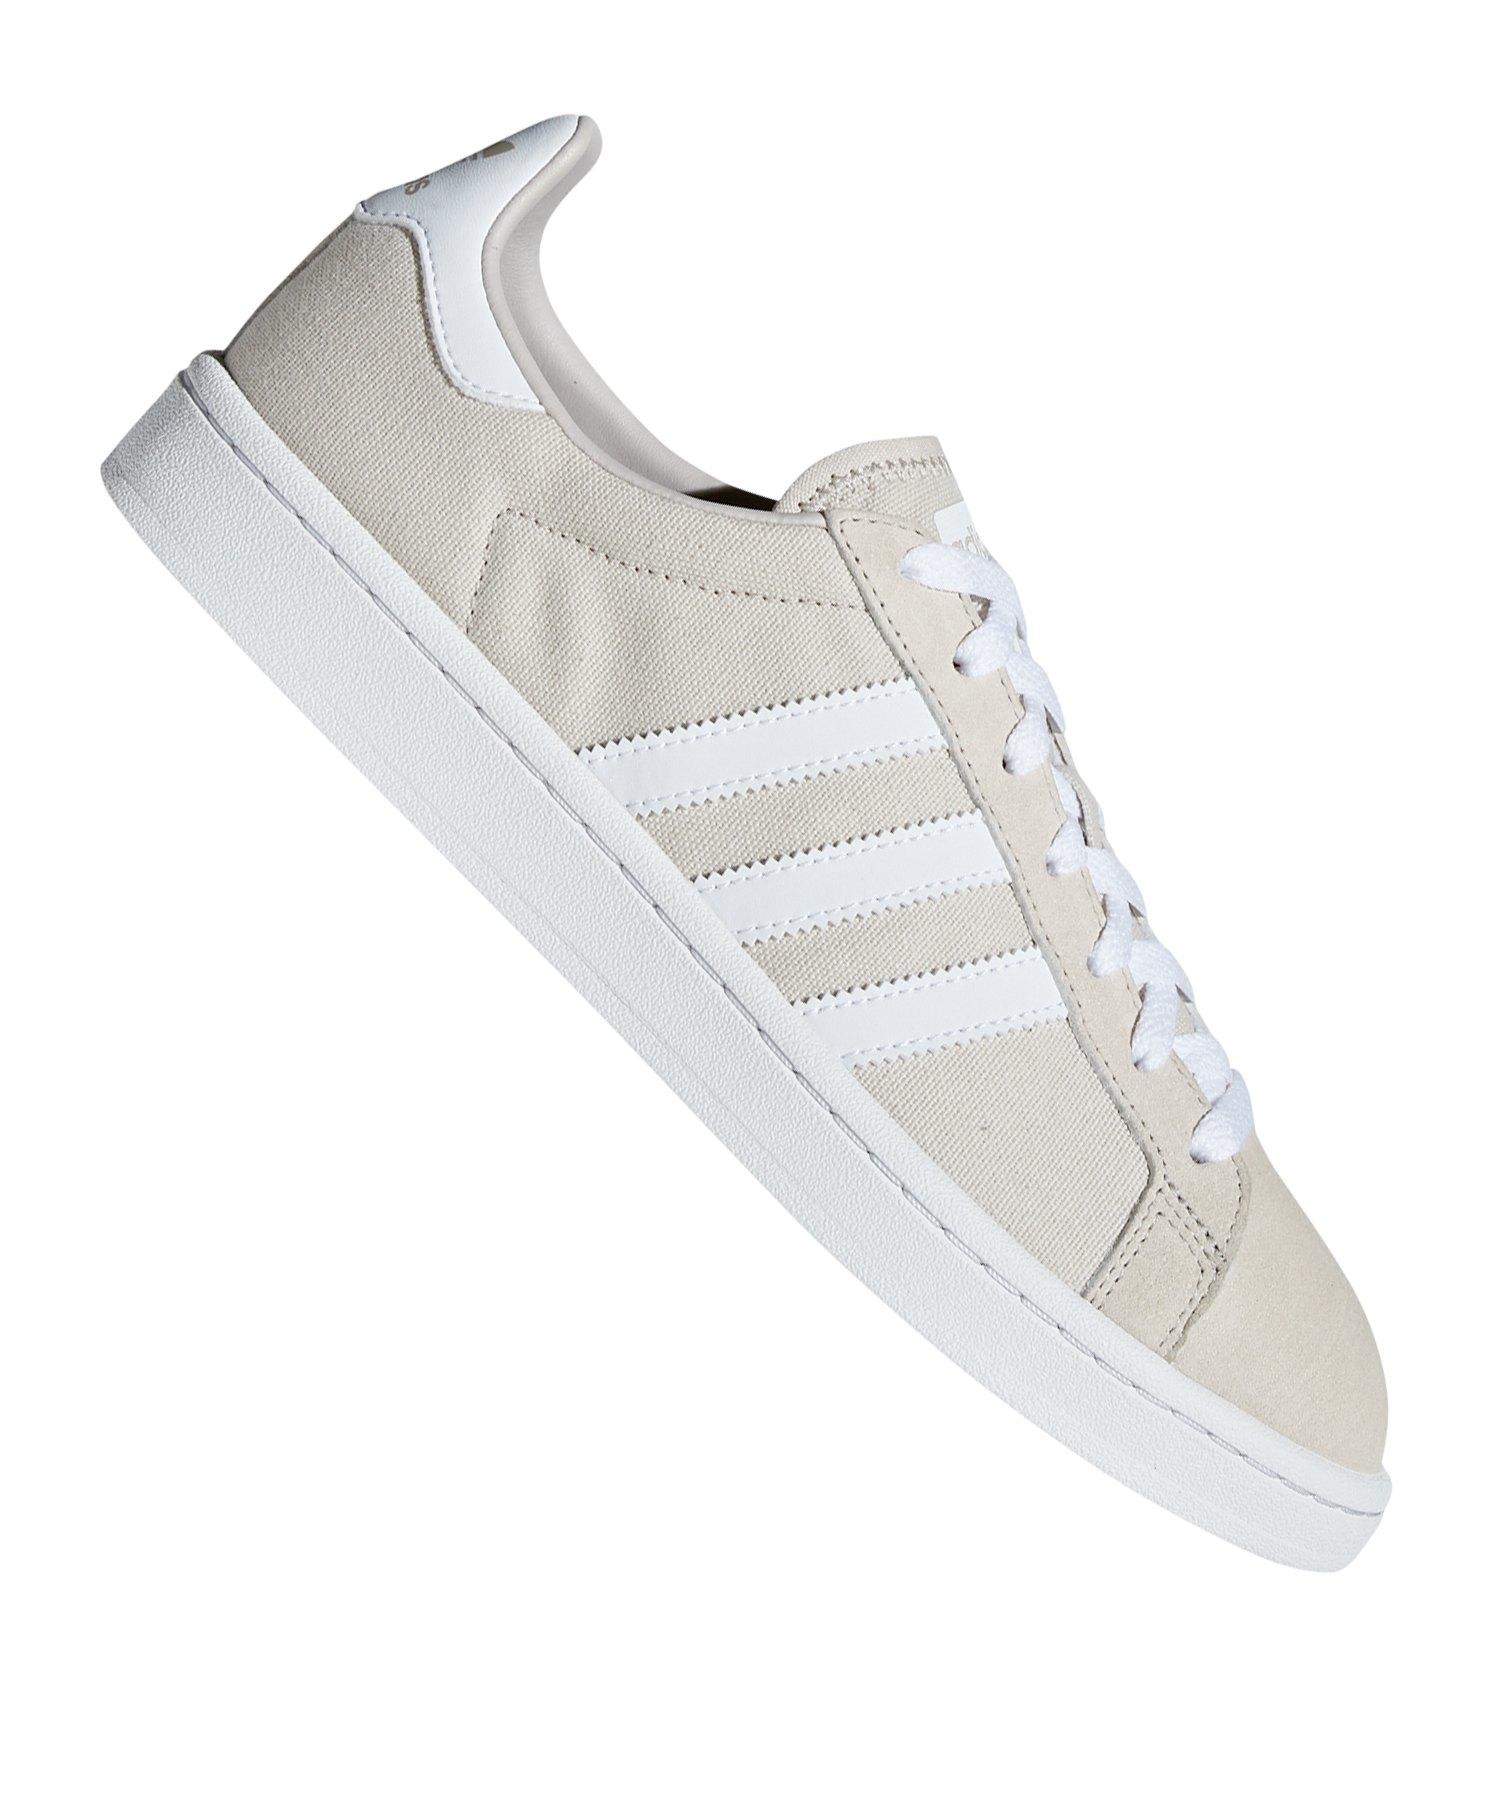 adidas Originals Campus Sneaker Herren Schuhe grün weiß